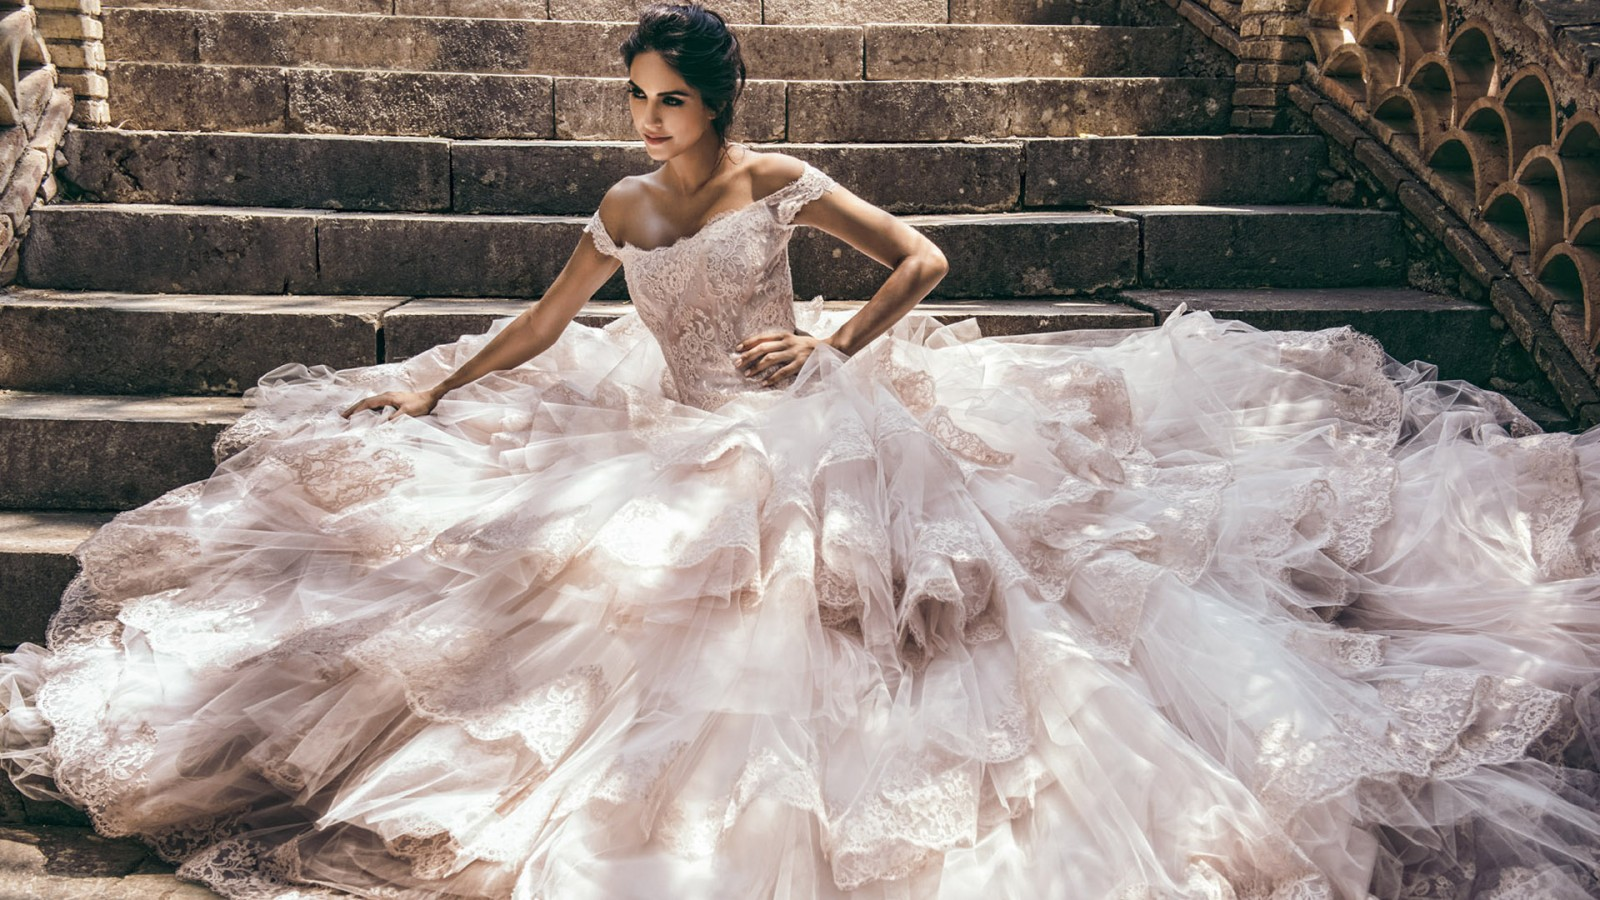 Quanto costa un abito da sposa  f5643ffe7ce